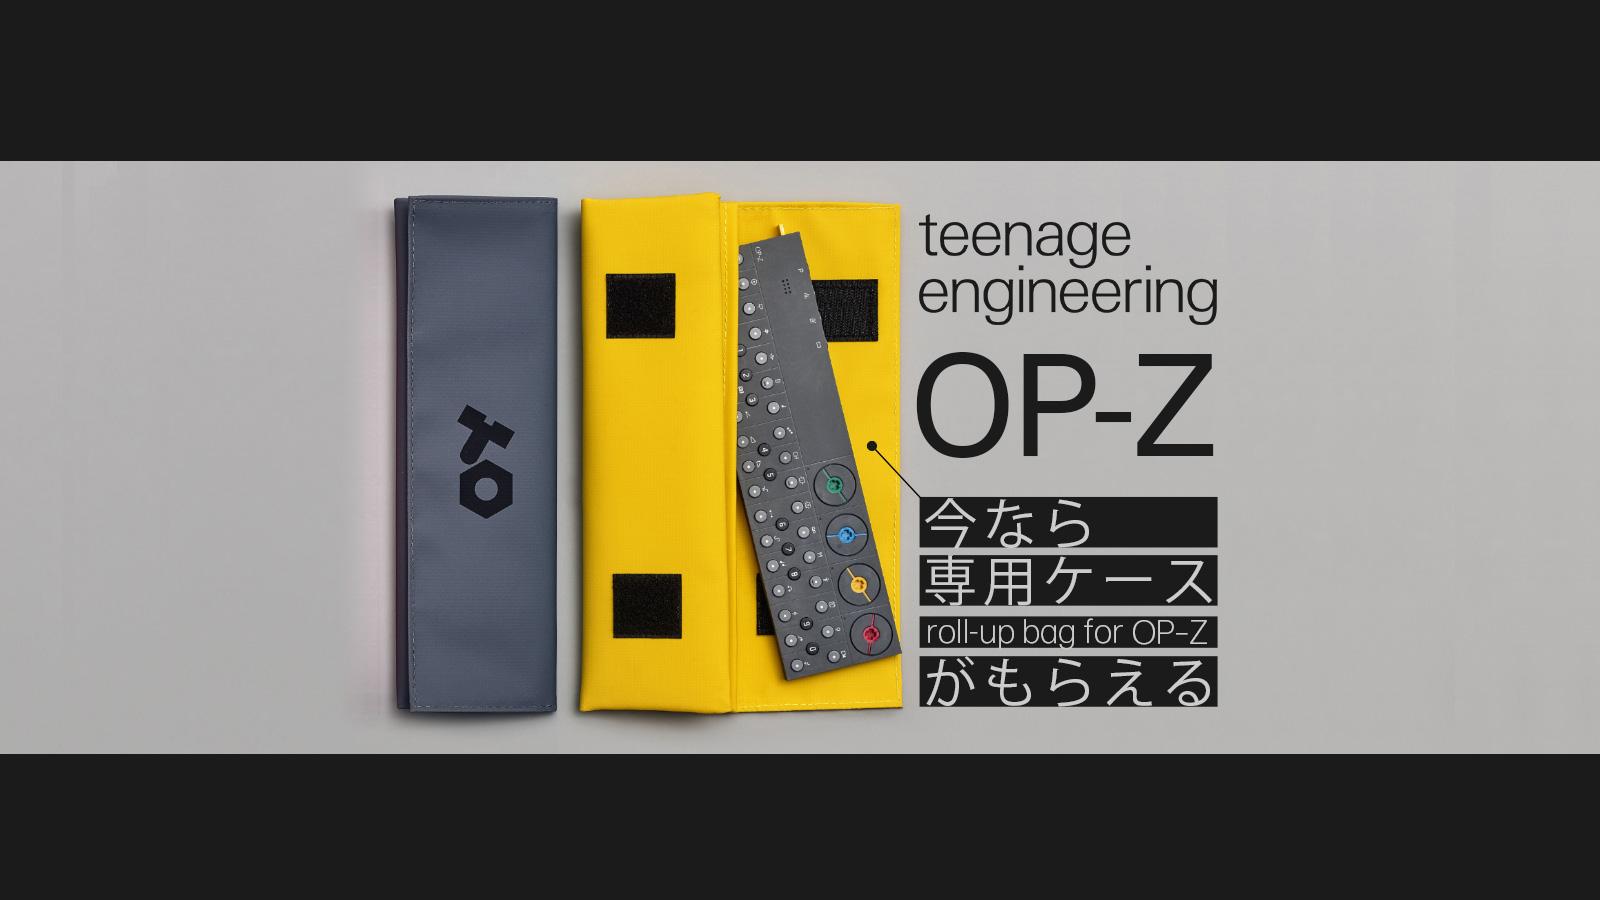 今なら専用ケースをプレゼント! Teenage Engineering OP-Z + case プロモーション